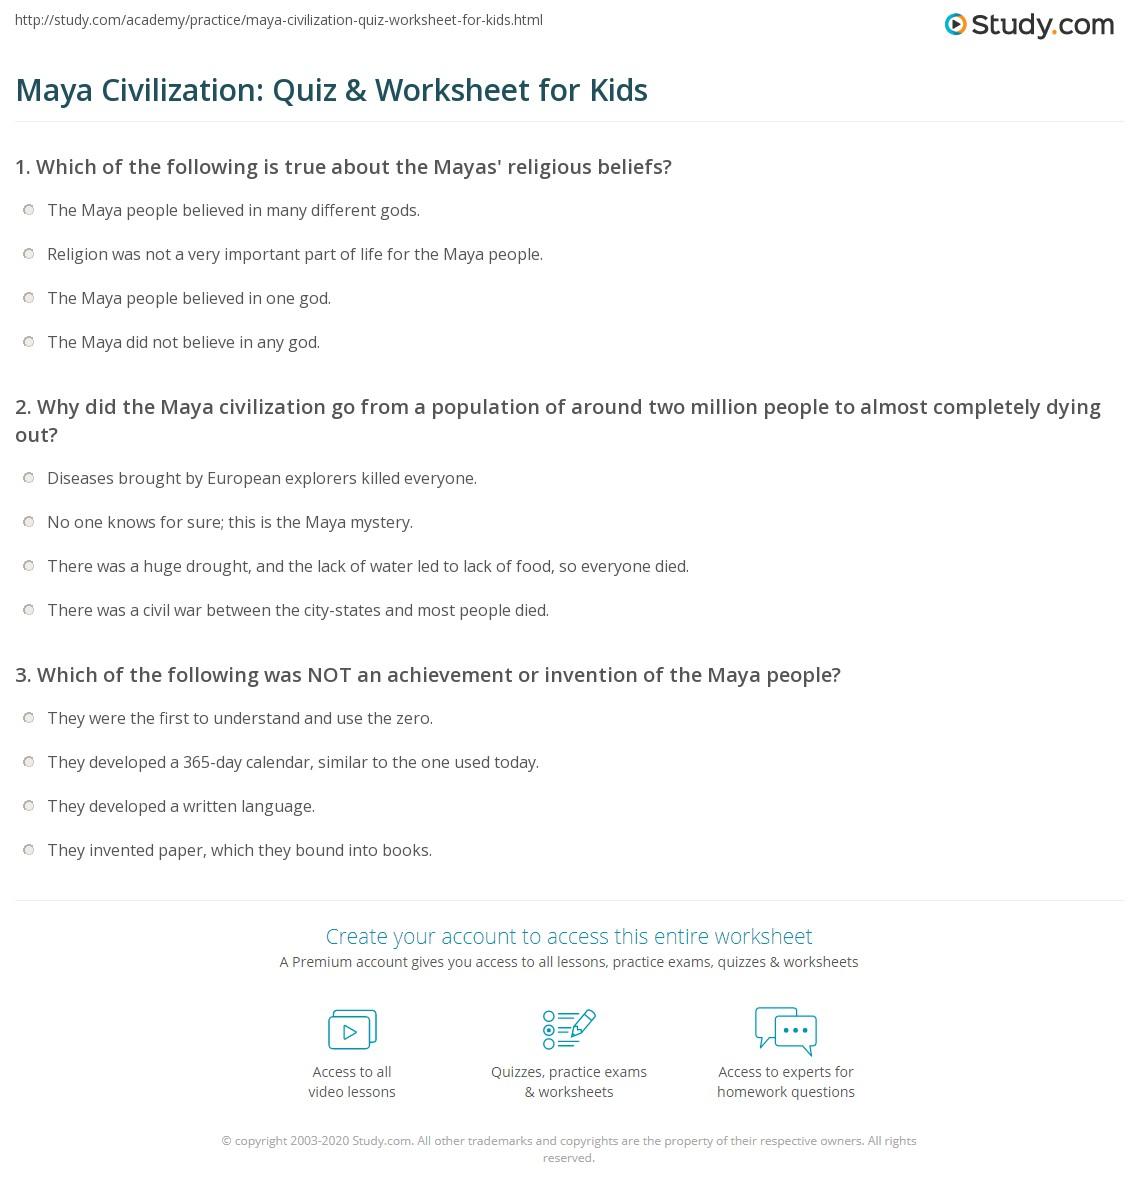 worksheet Mayan Worksheets For Kids maya civilization quiz worksheet for kids study com print facts lesson worksheet